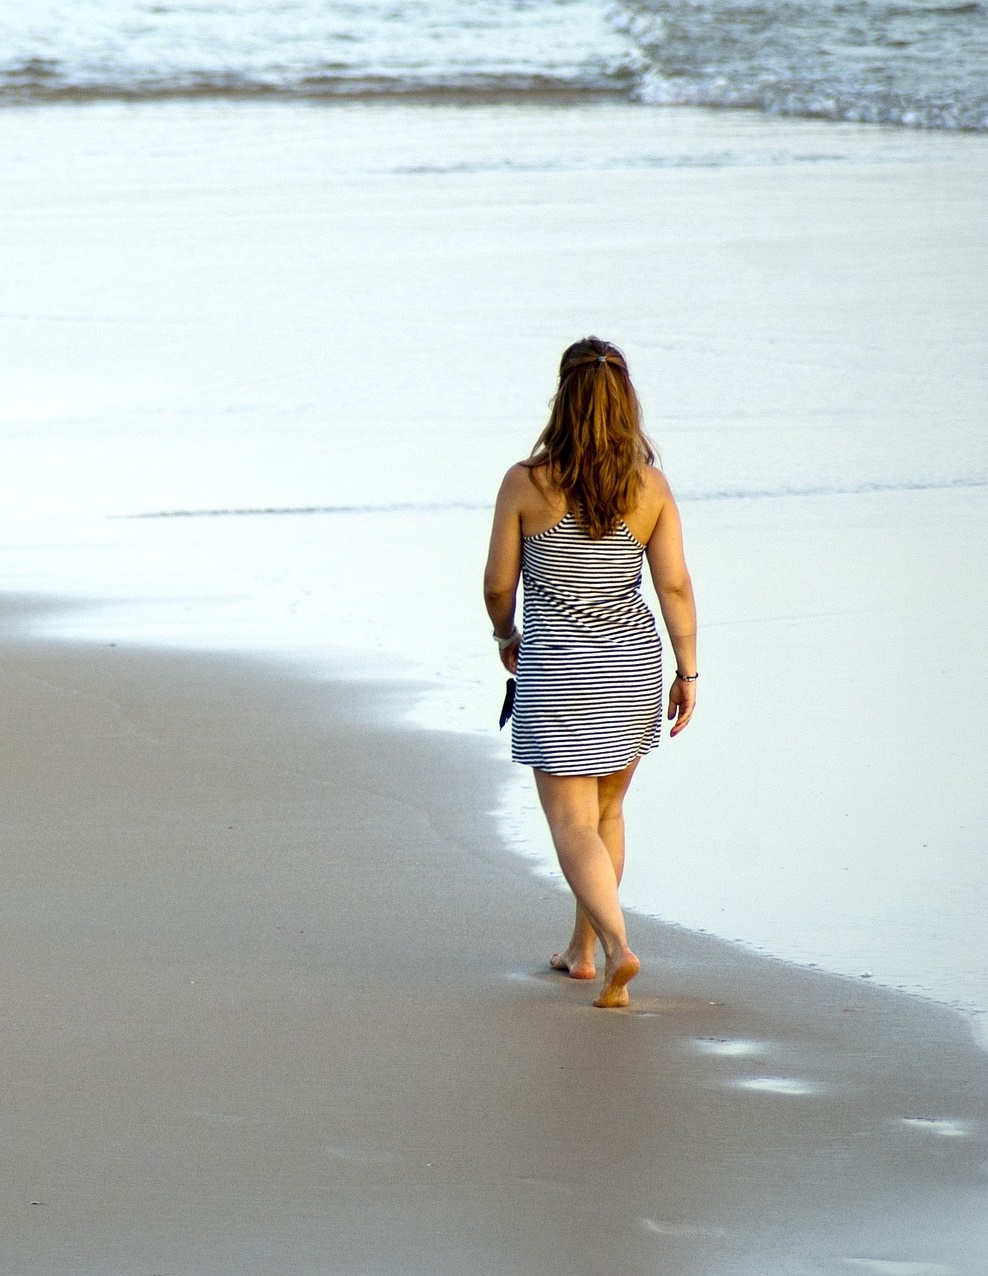 1.走路 走路是最簡單又最便宜的運動,除了能消除卡路里、增強血液循環、釋放壓力,還能讓心肺功能更健康。